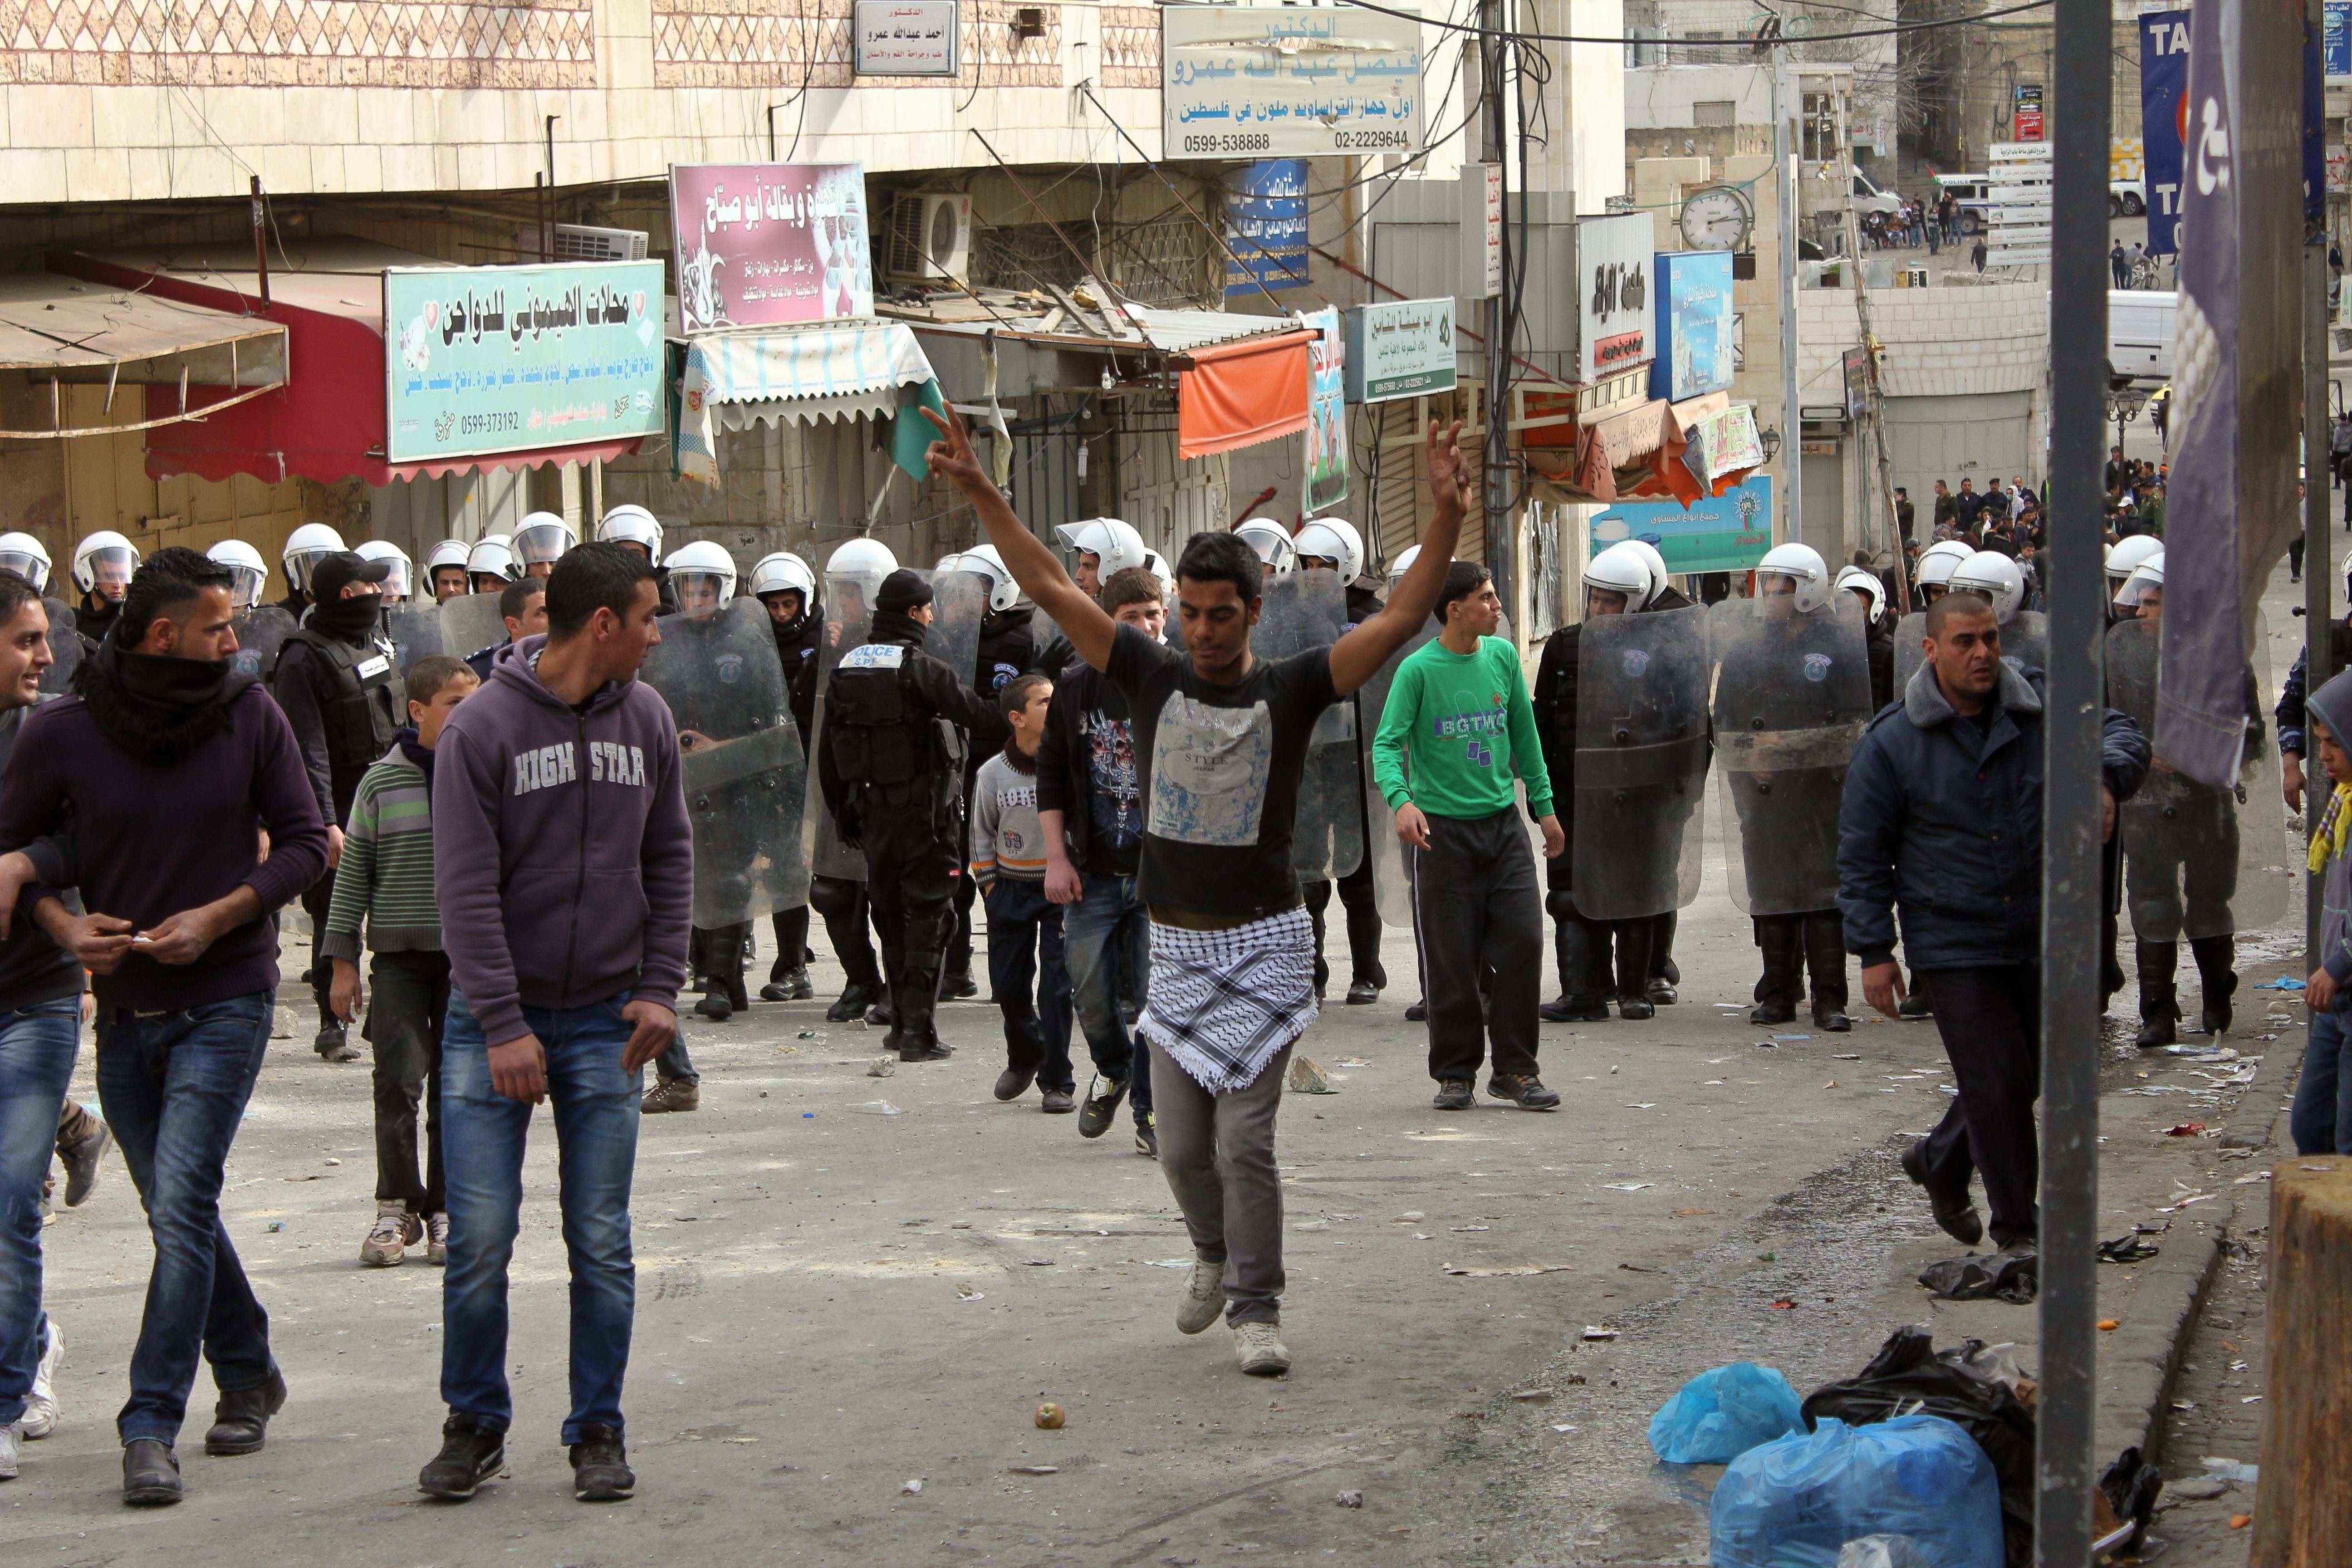 La police palestinienne s'interpose entre l'armée israélienne et les manifestants. Hébron, 22 février 2013 www.merblanche.com allrights reserved